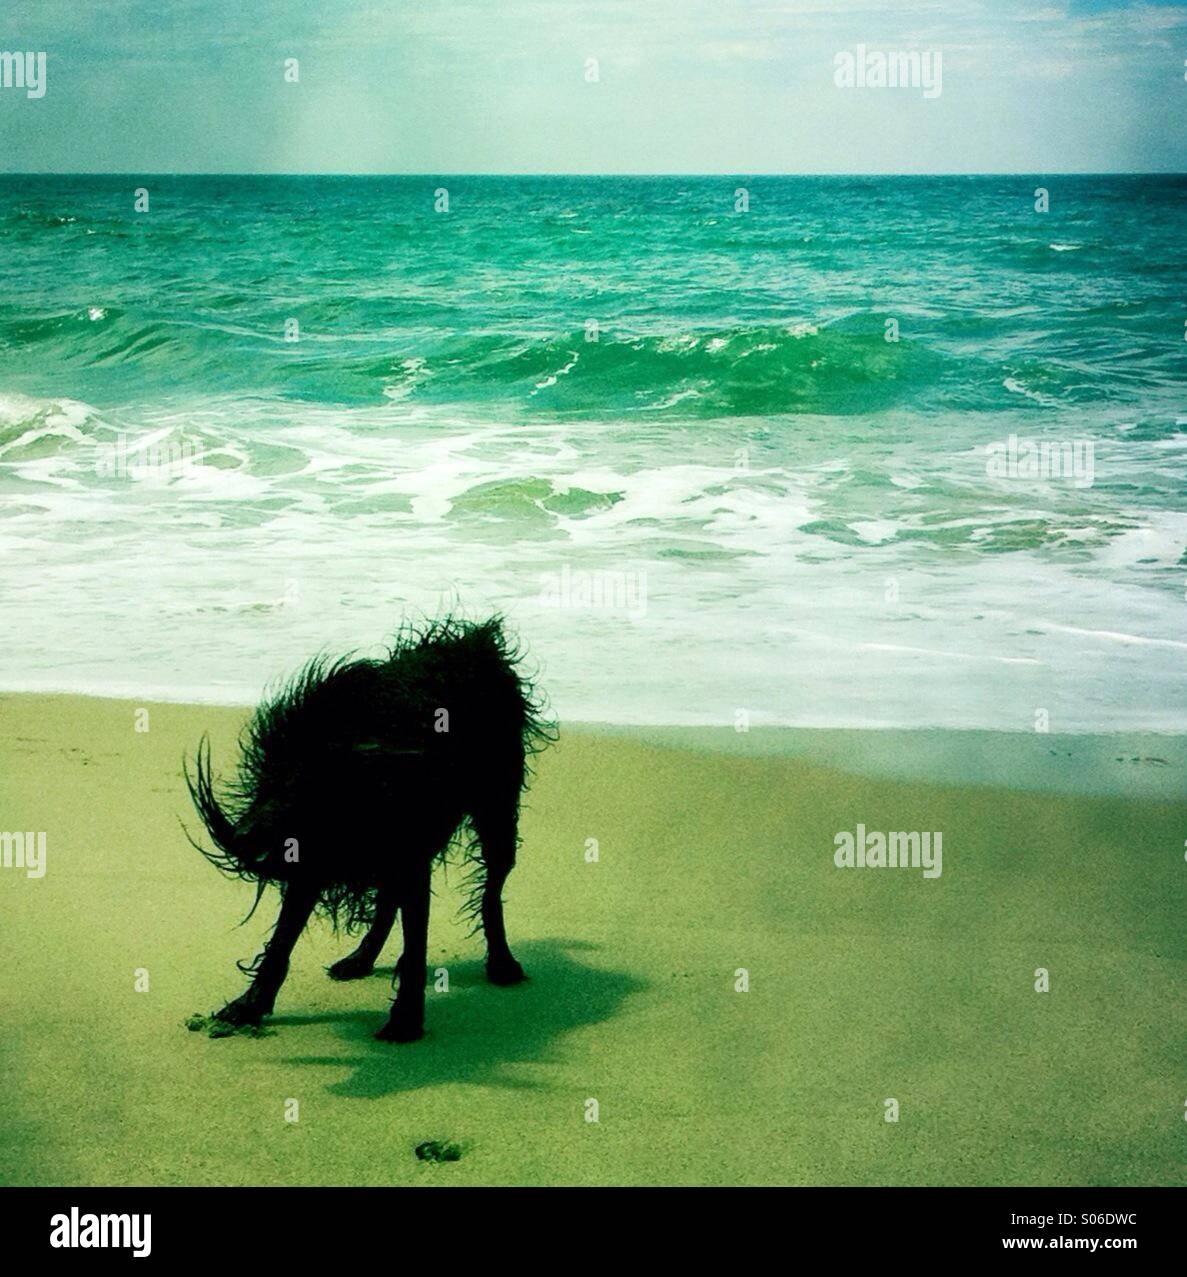 Eine schwarze Labradoodle Hund shakin Wasser am Strand. Ventura Kalifornien USA. Stockfoto